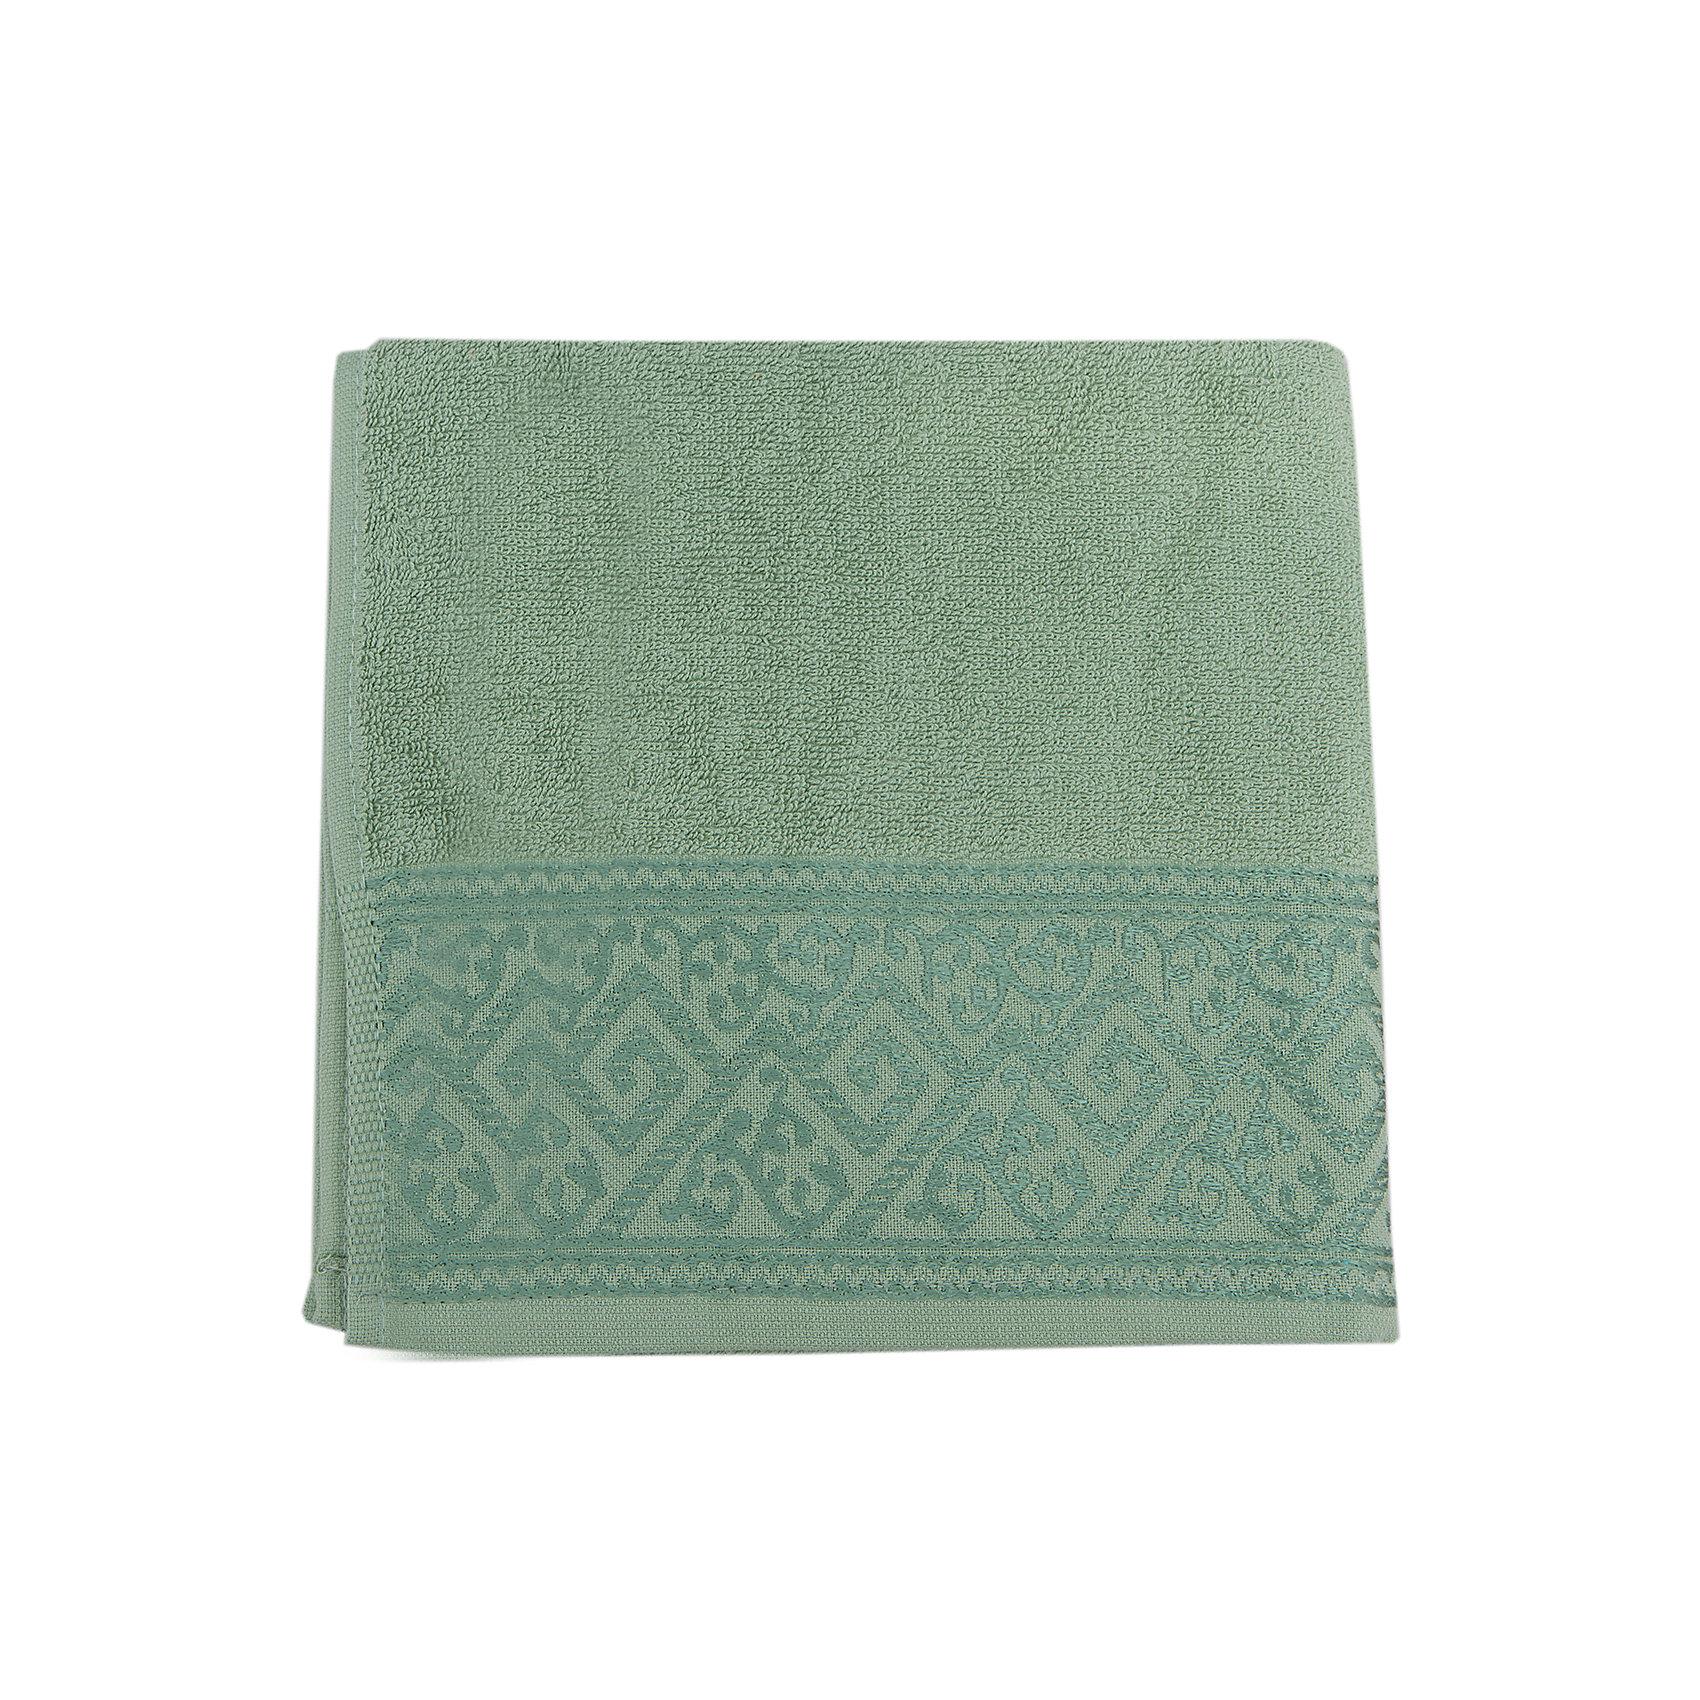 Полотенце махровое Majolica 50*100, Португалия, травянойМахровое полотенце Majolica изготовлено из натурального хлопка и соответствует всем требованиям качества. Оно сохранит цвет даже после многих стирок, подарит мягкость и замечательно впитает воду. Полотенце украшено необычным орнаментом по краю.<br><br>Дополнительная информация:<br>Материал: 100% хлопок<br>Плотность: 500 г/м2<br>Размер: 50х100 см<br>Цвет: травяной<br>Торговая марка: Португалия<br><br>Вы можете купить махровое полотенце Majolica в нашем интернет-магазине.<br><br>Ширина мм: 500<br>Глубина мм: 500<br>Высота мм: 200<br>Вес г: 350<br>Возраст от месяцев: 0<br>Возраст до месяцев: 144<br>Пол: Унисекс<br>Возраст: Детский<br>SKU: 5010945